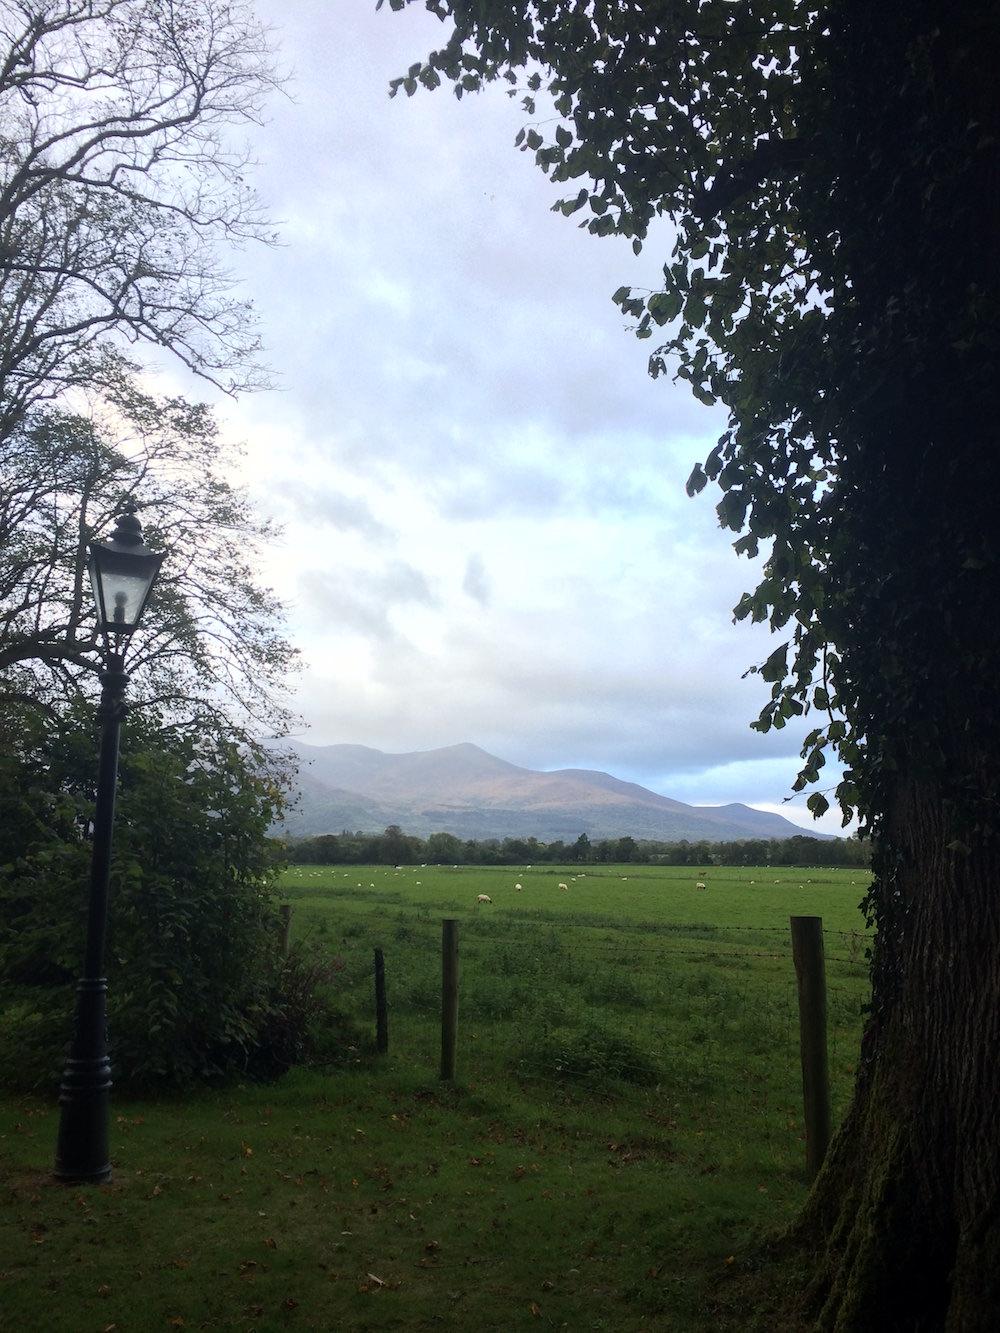 Sheep in a field in Ireland.JPG